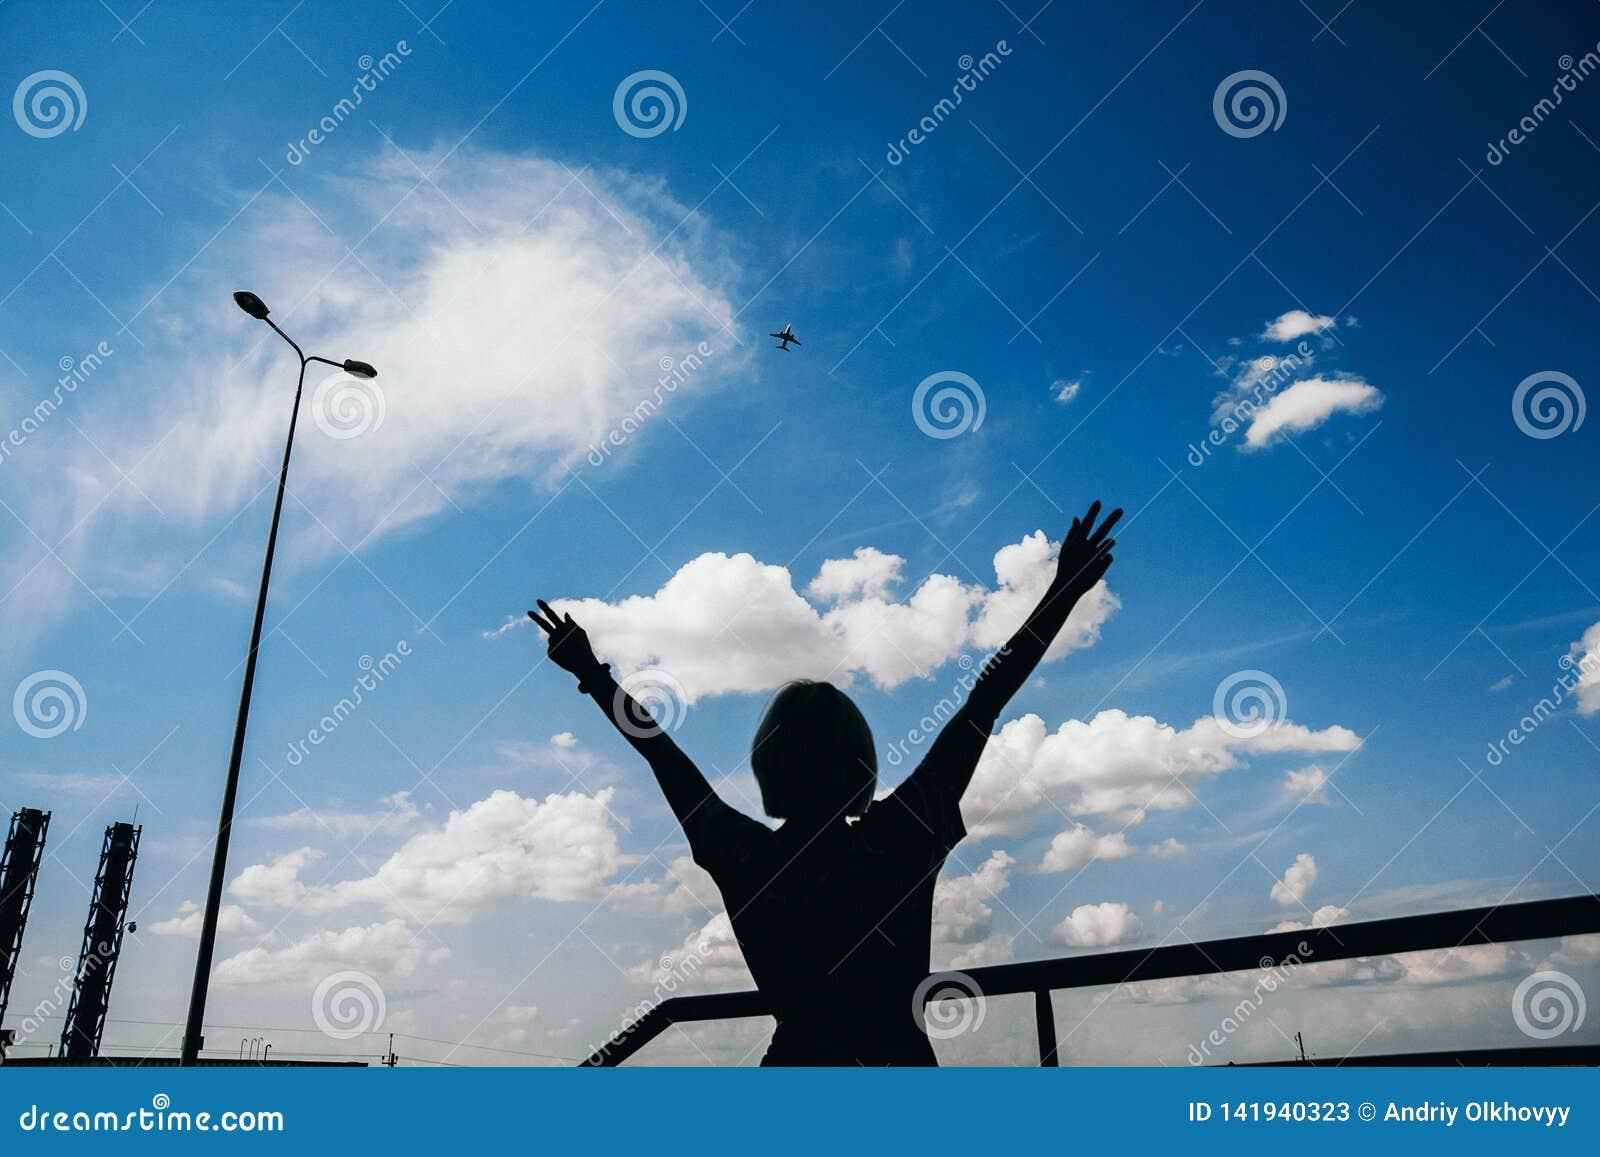 Flugzeug und Schattenbildfrau auf dem Himmelhintergrund Landschaft einer Stadt mit einer Mädchenstellung mit den Armen angehoben